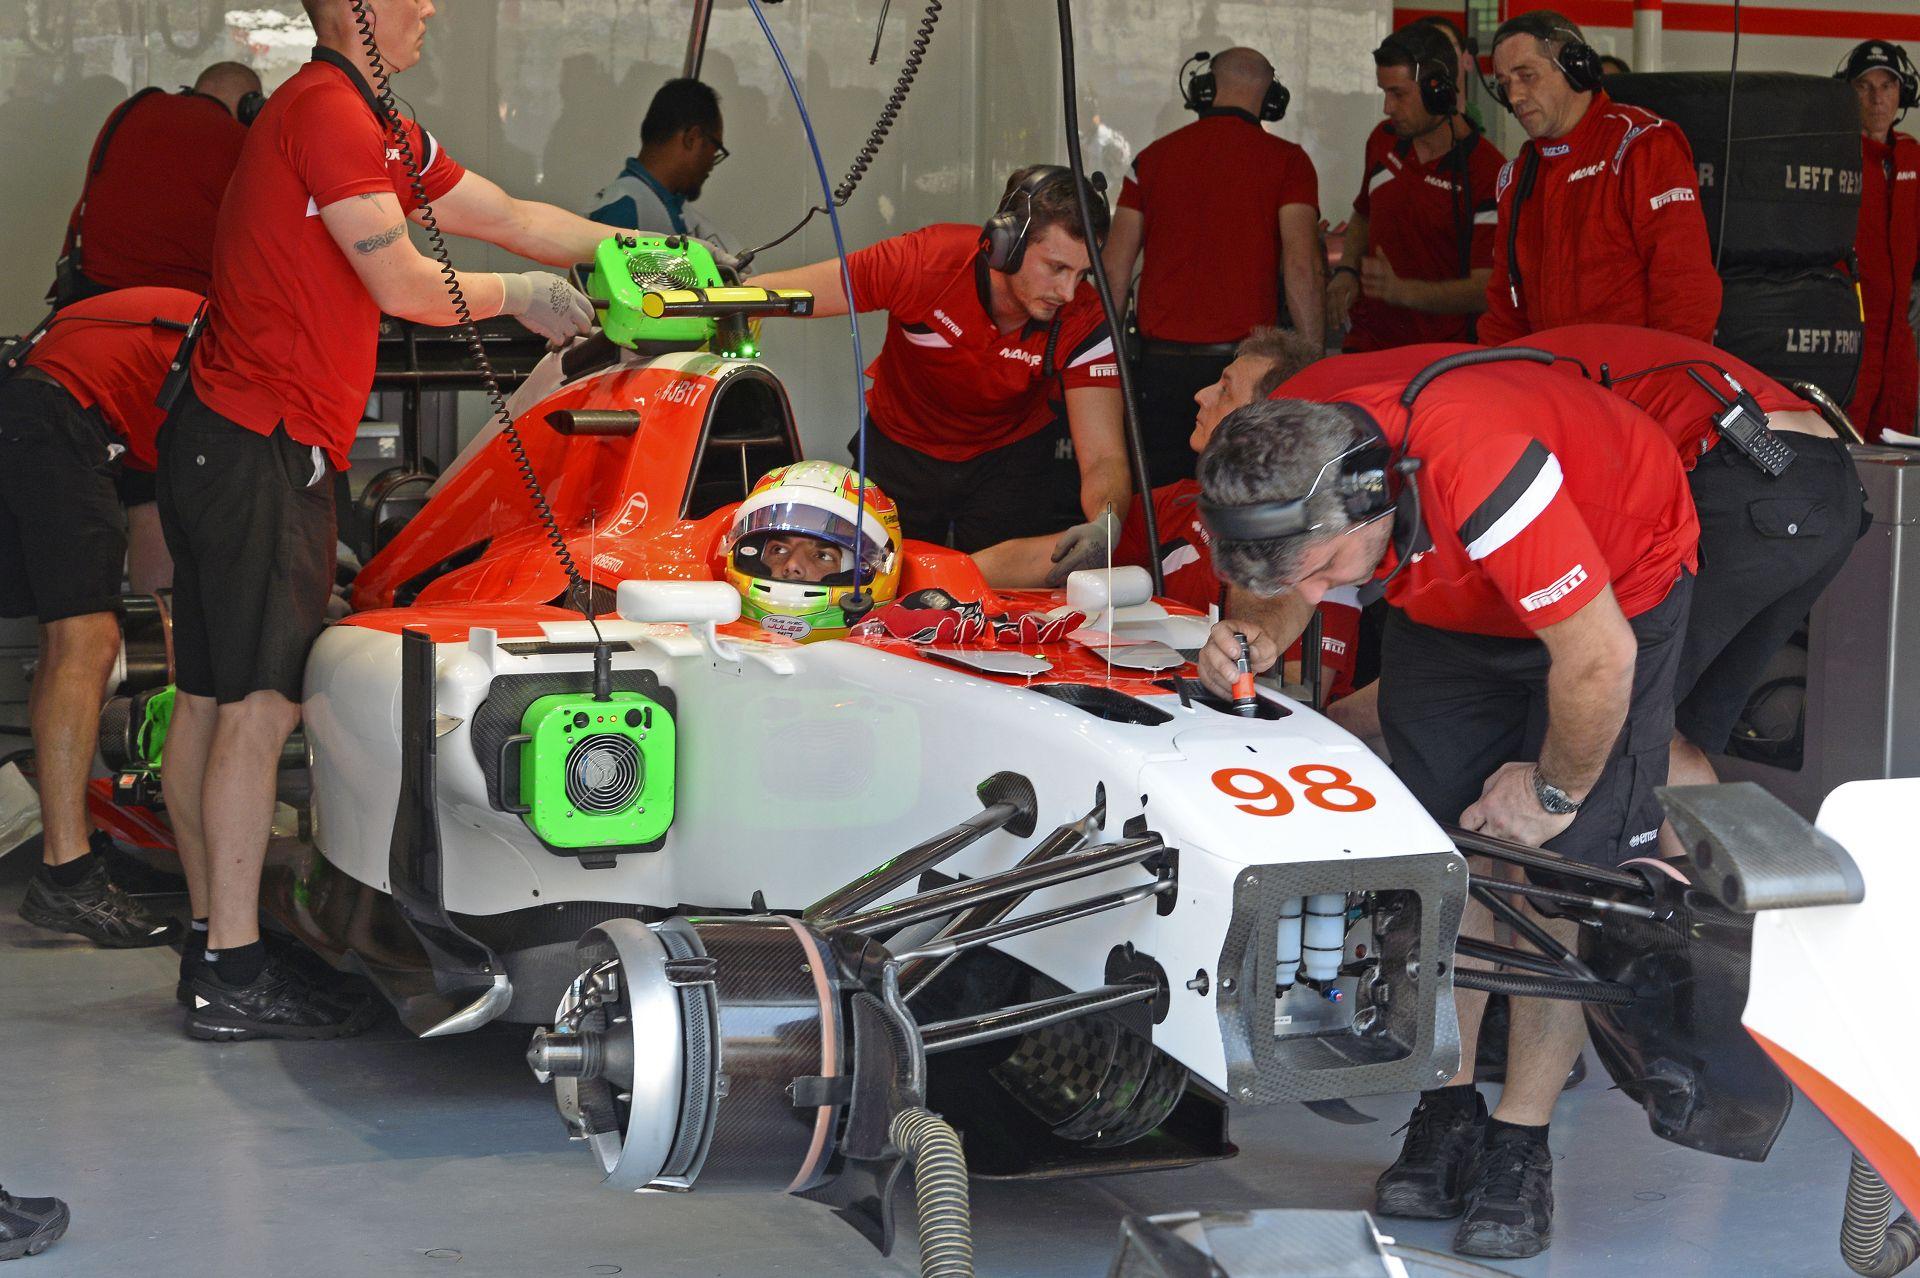 Jövőre még a Manor-Mercedes is alázni fogja McLaren-Hondát? Világégés lenne…